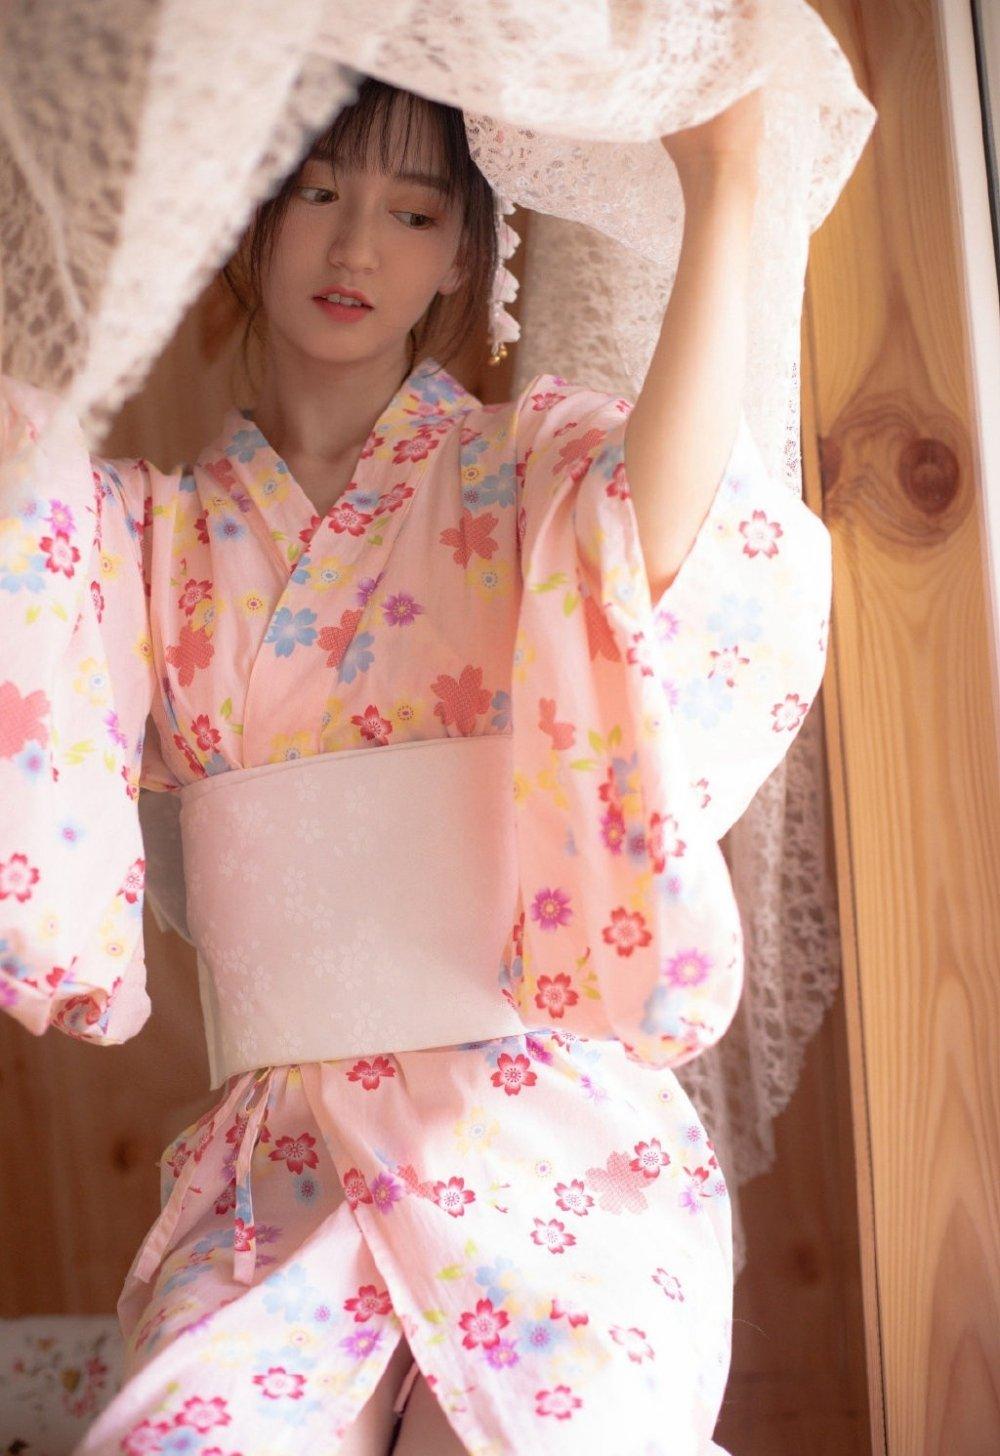 和服美女白皙肌肤苗条身材写真